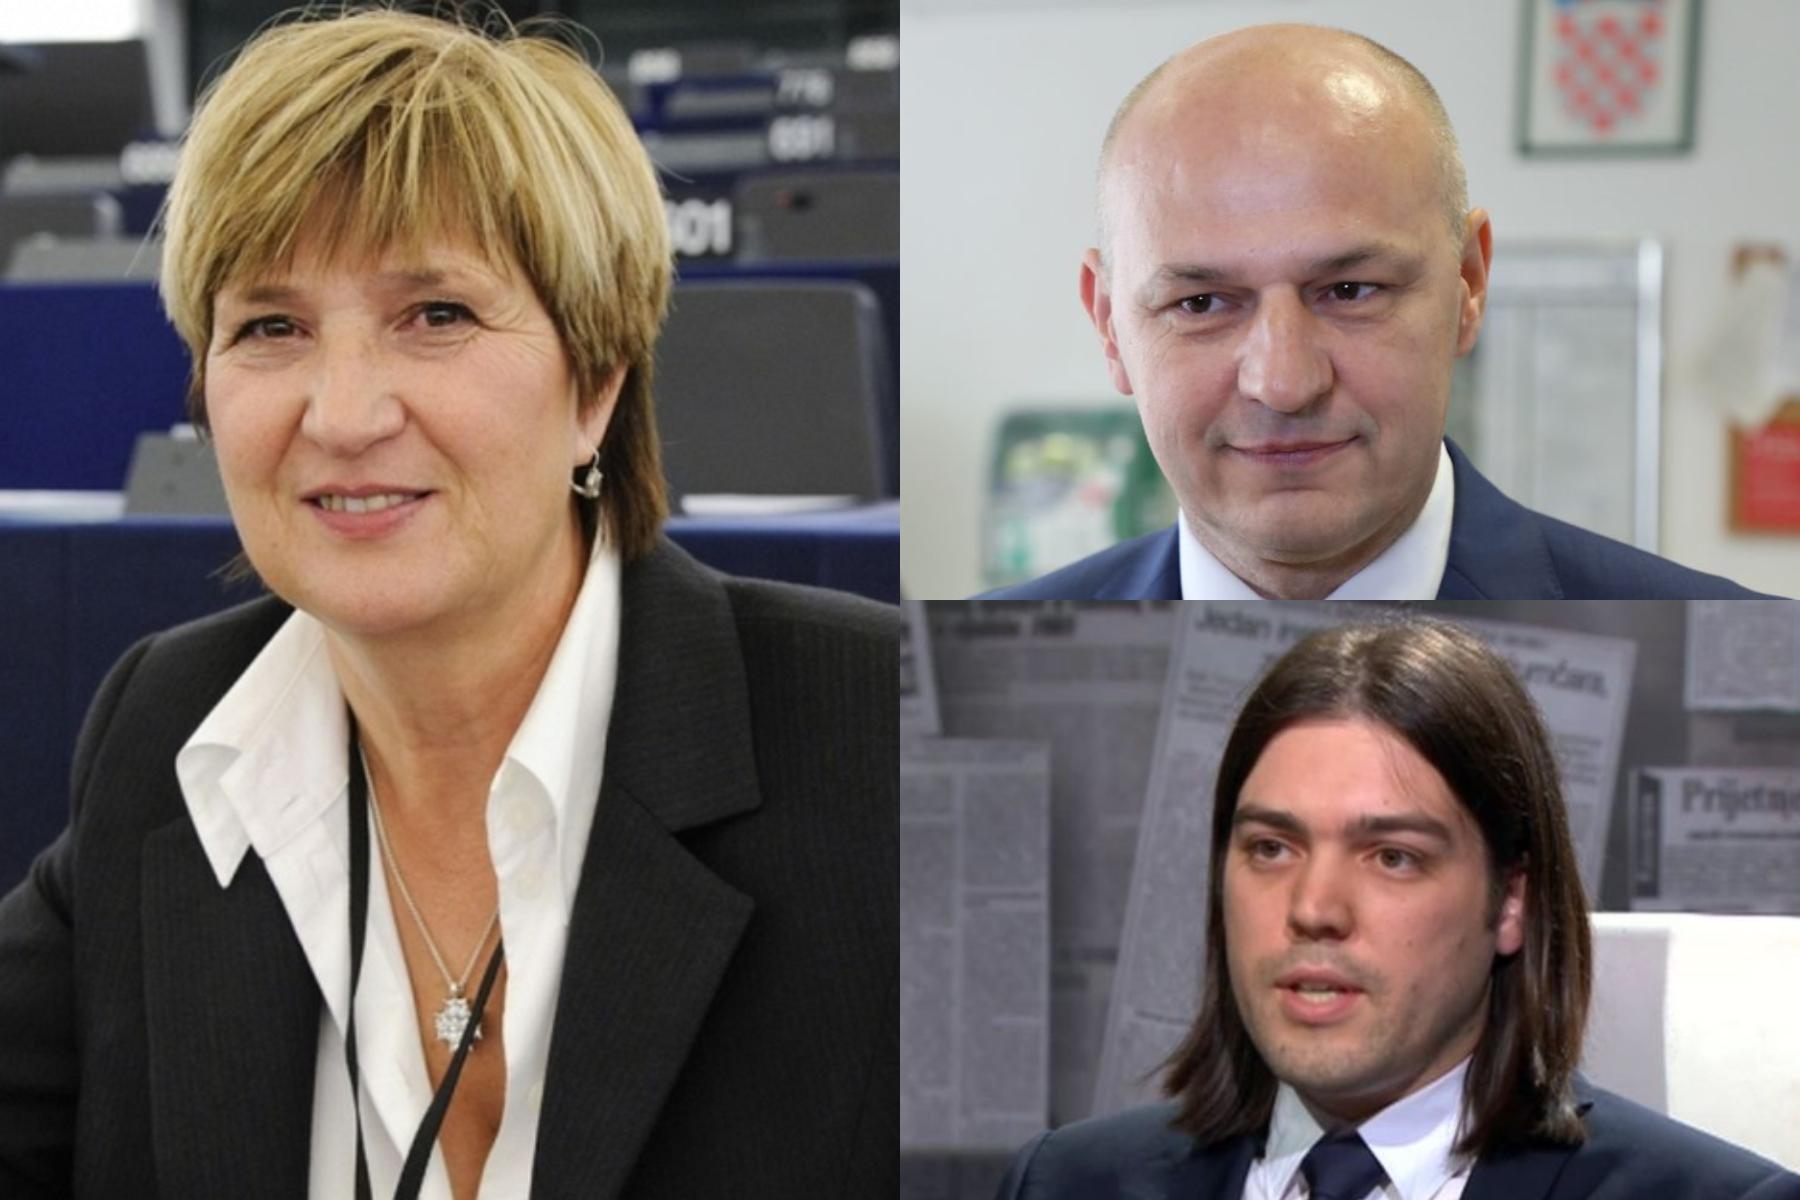 Koji hrvatski eurozastupnici nisu podržali LGBT rezoluciju kojom se napada Poljska?